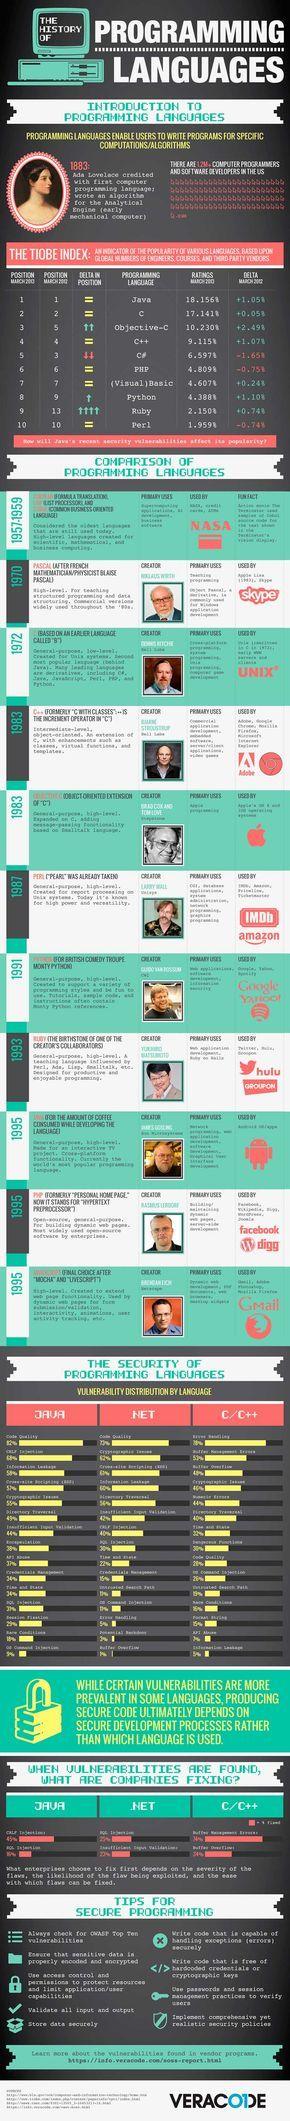 Historia de los lenguajes de programación - Infografía